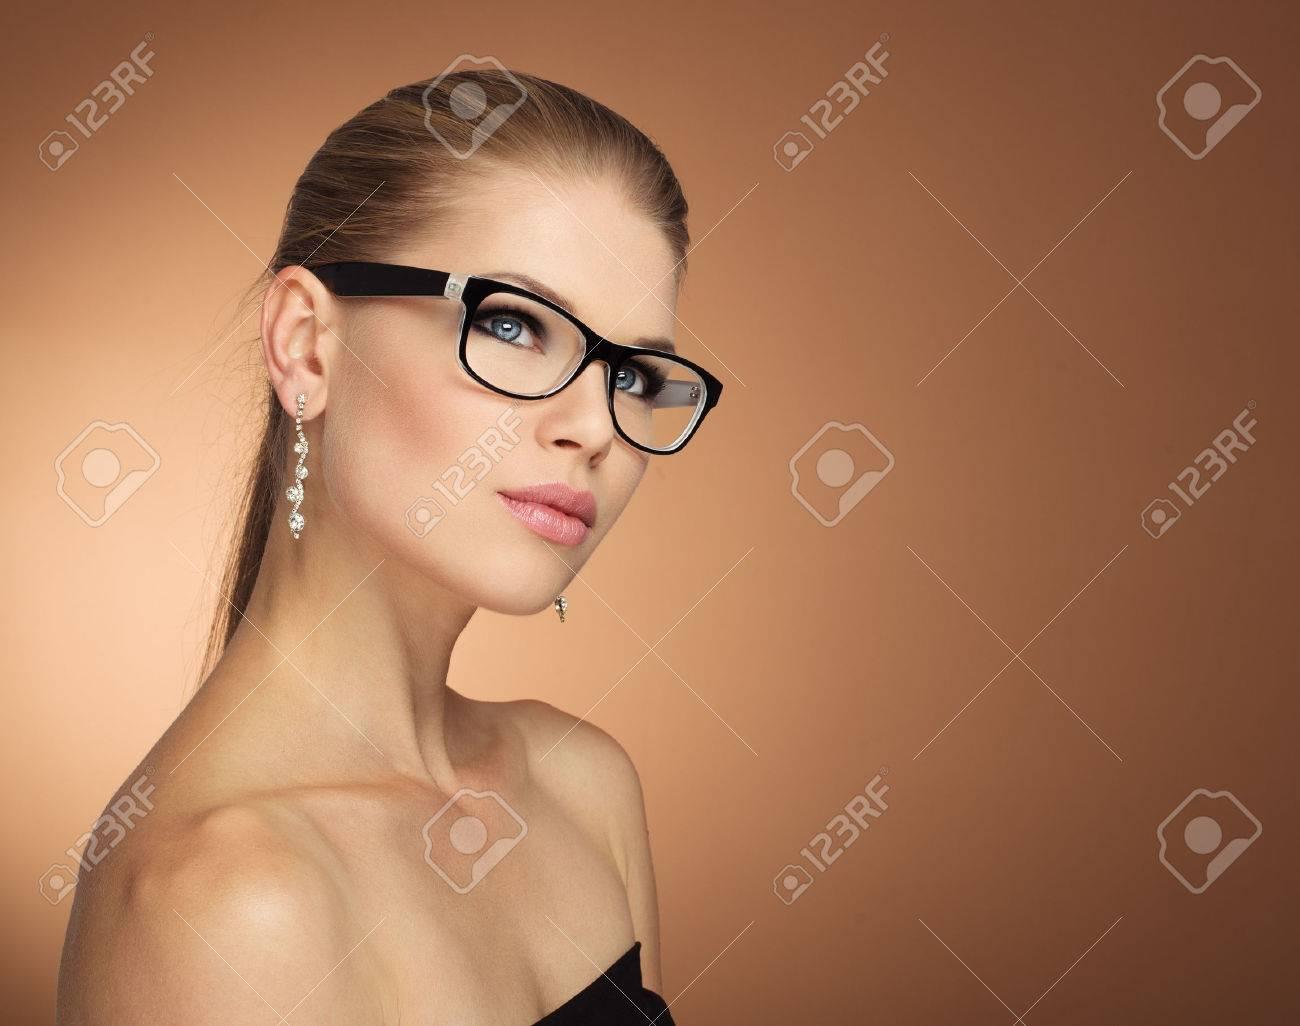 Fashion Portrait Der Jungen Frau In Glamour-optische Brillen Mit ...